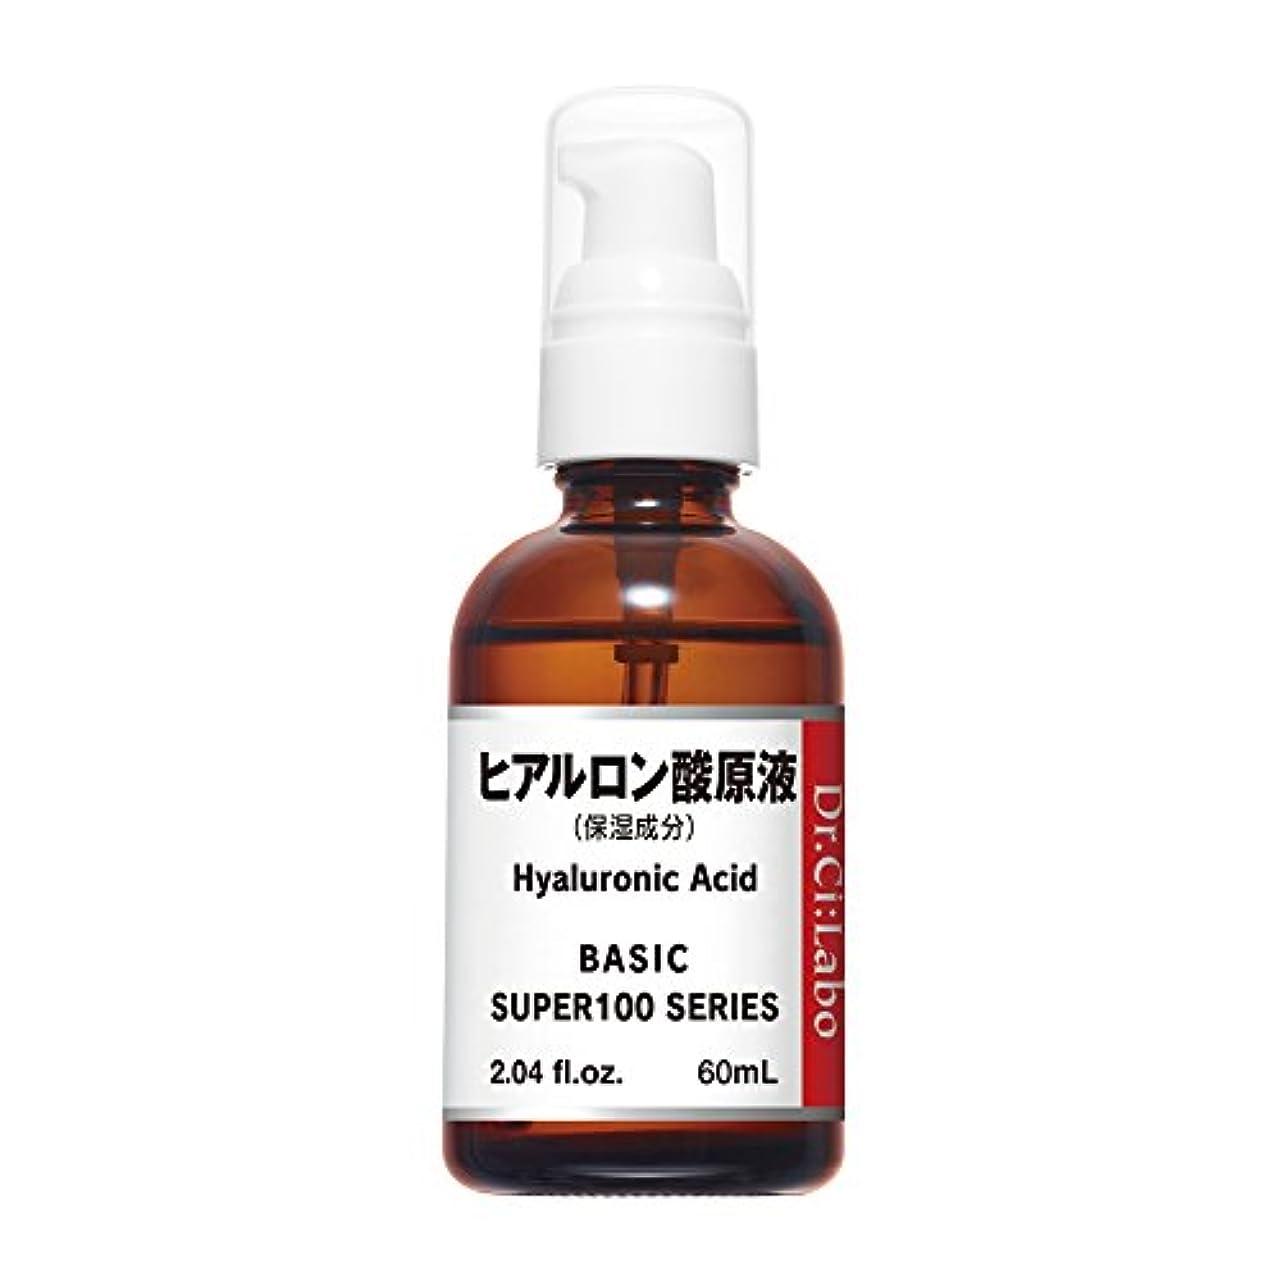 繕う避難配当ドクターシーラボ スーパー100シリーズ ヒアルロン酸原液 60mL(BIG) 原液化粧品